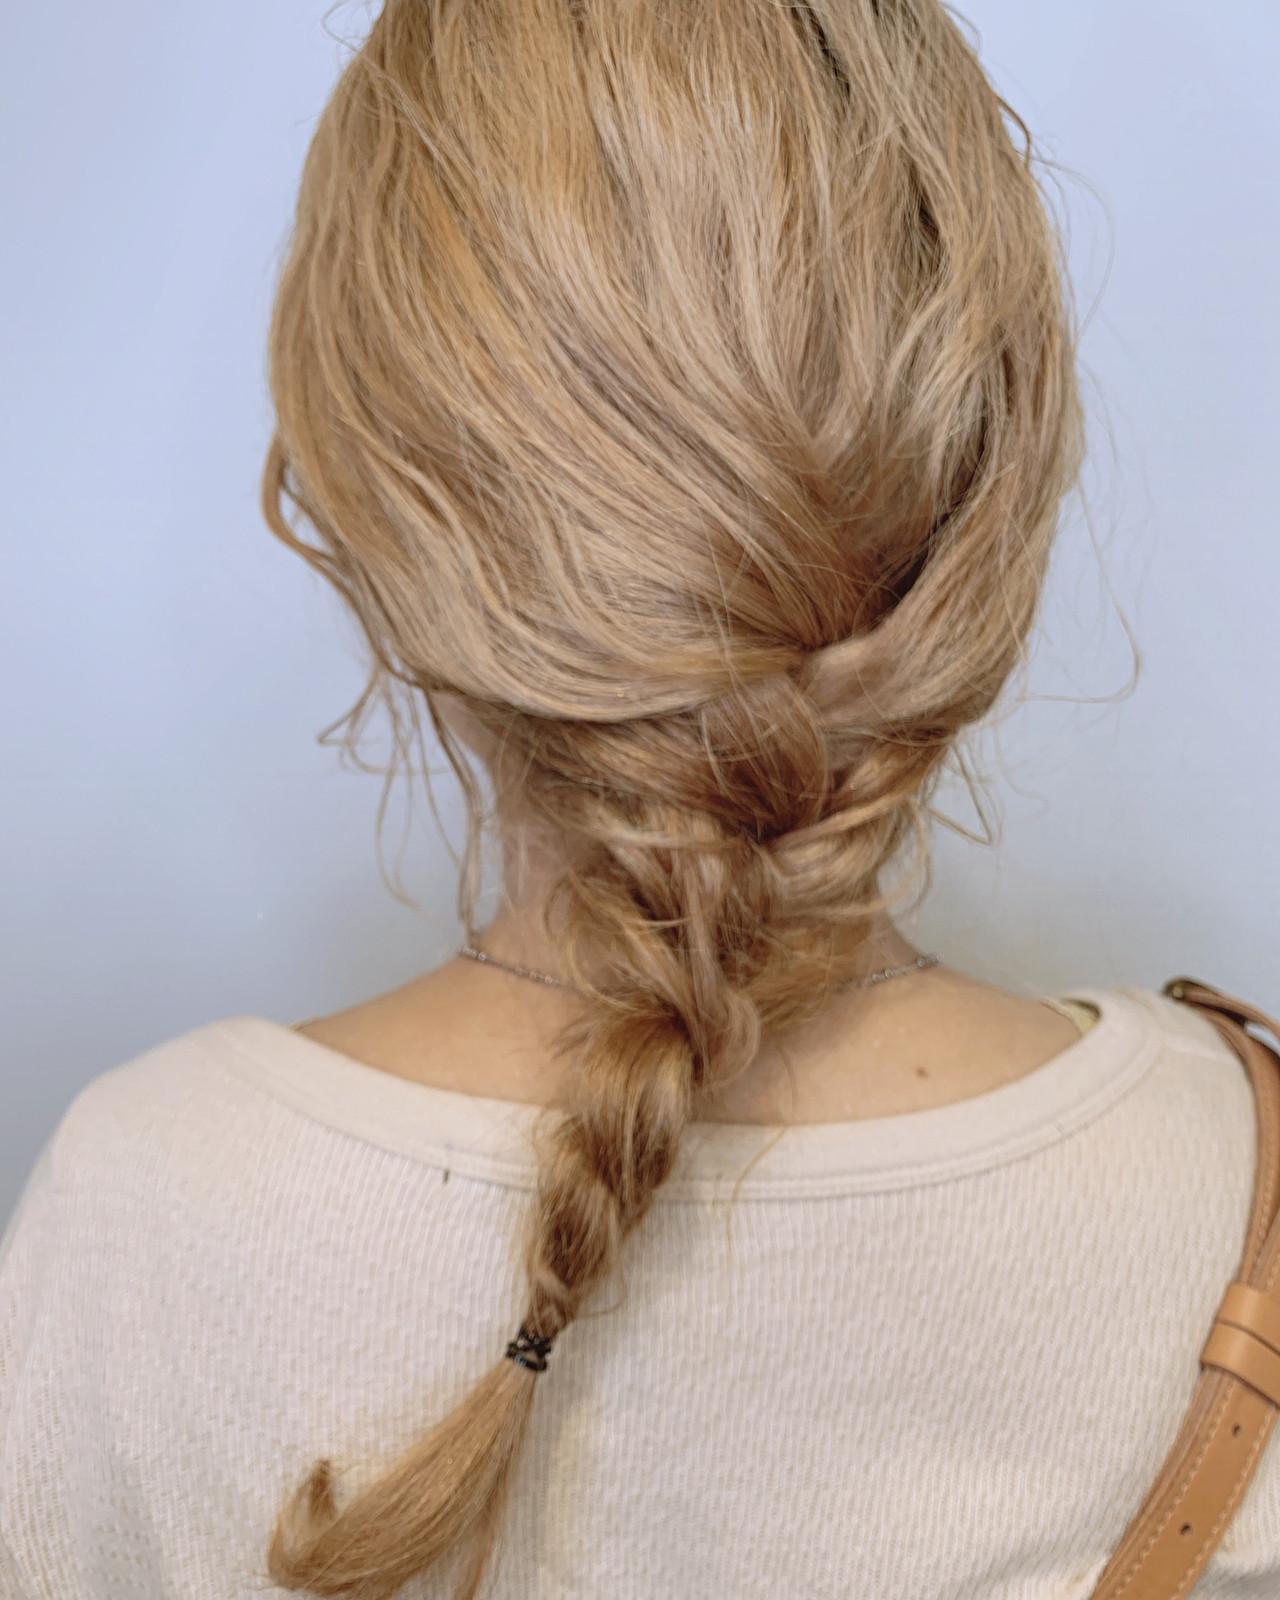 簡単ヘアアレンジ ミディアム ヘアアレンジ ブリーチカラー ヘアスタイルや髪型の写真・画像 | ショート ハイトーンの達人 ABBEY 迫田 / ABBEY